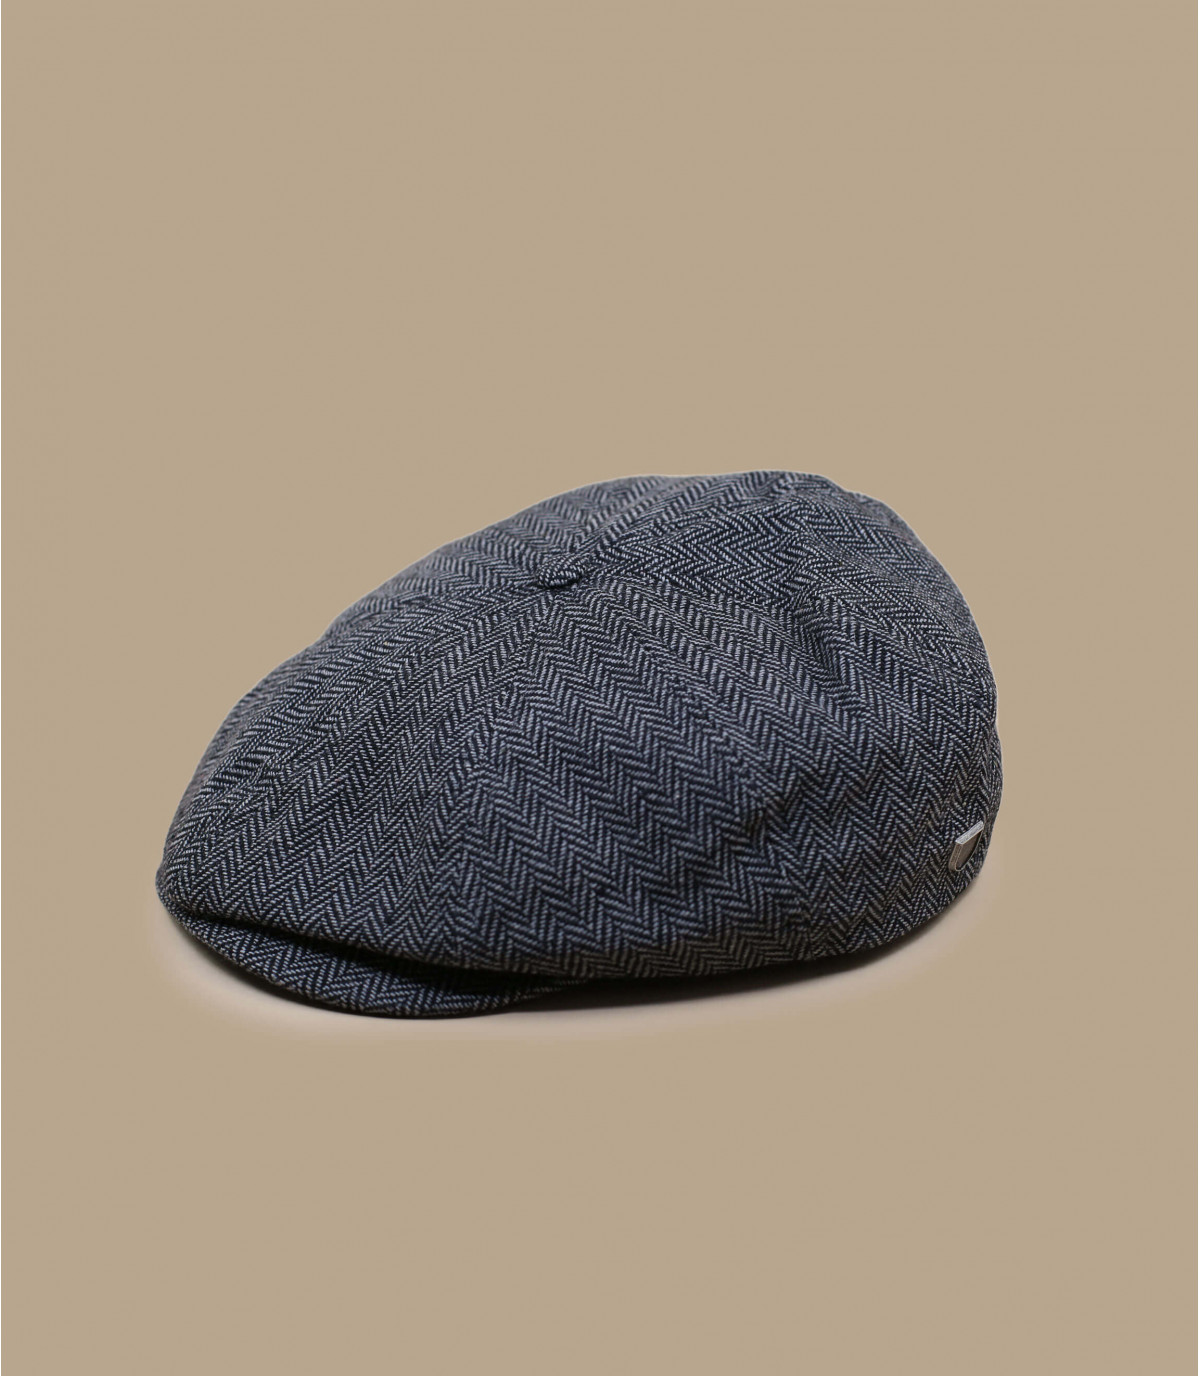 Cappellino gavroche donna